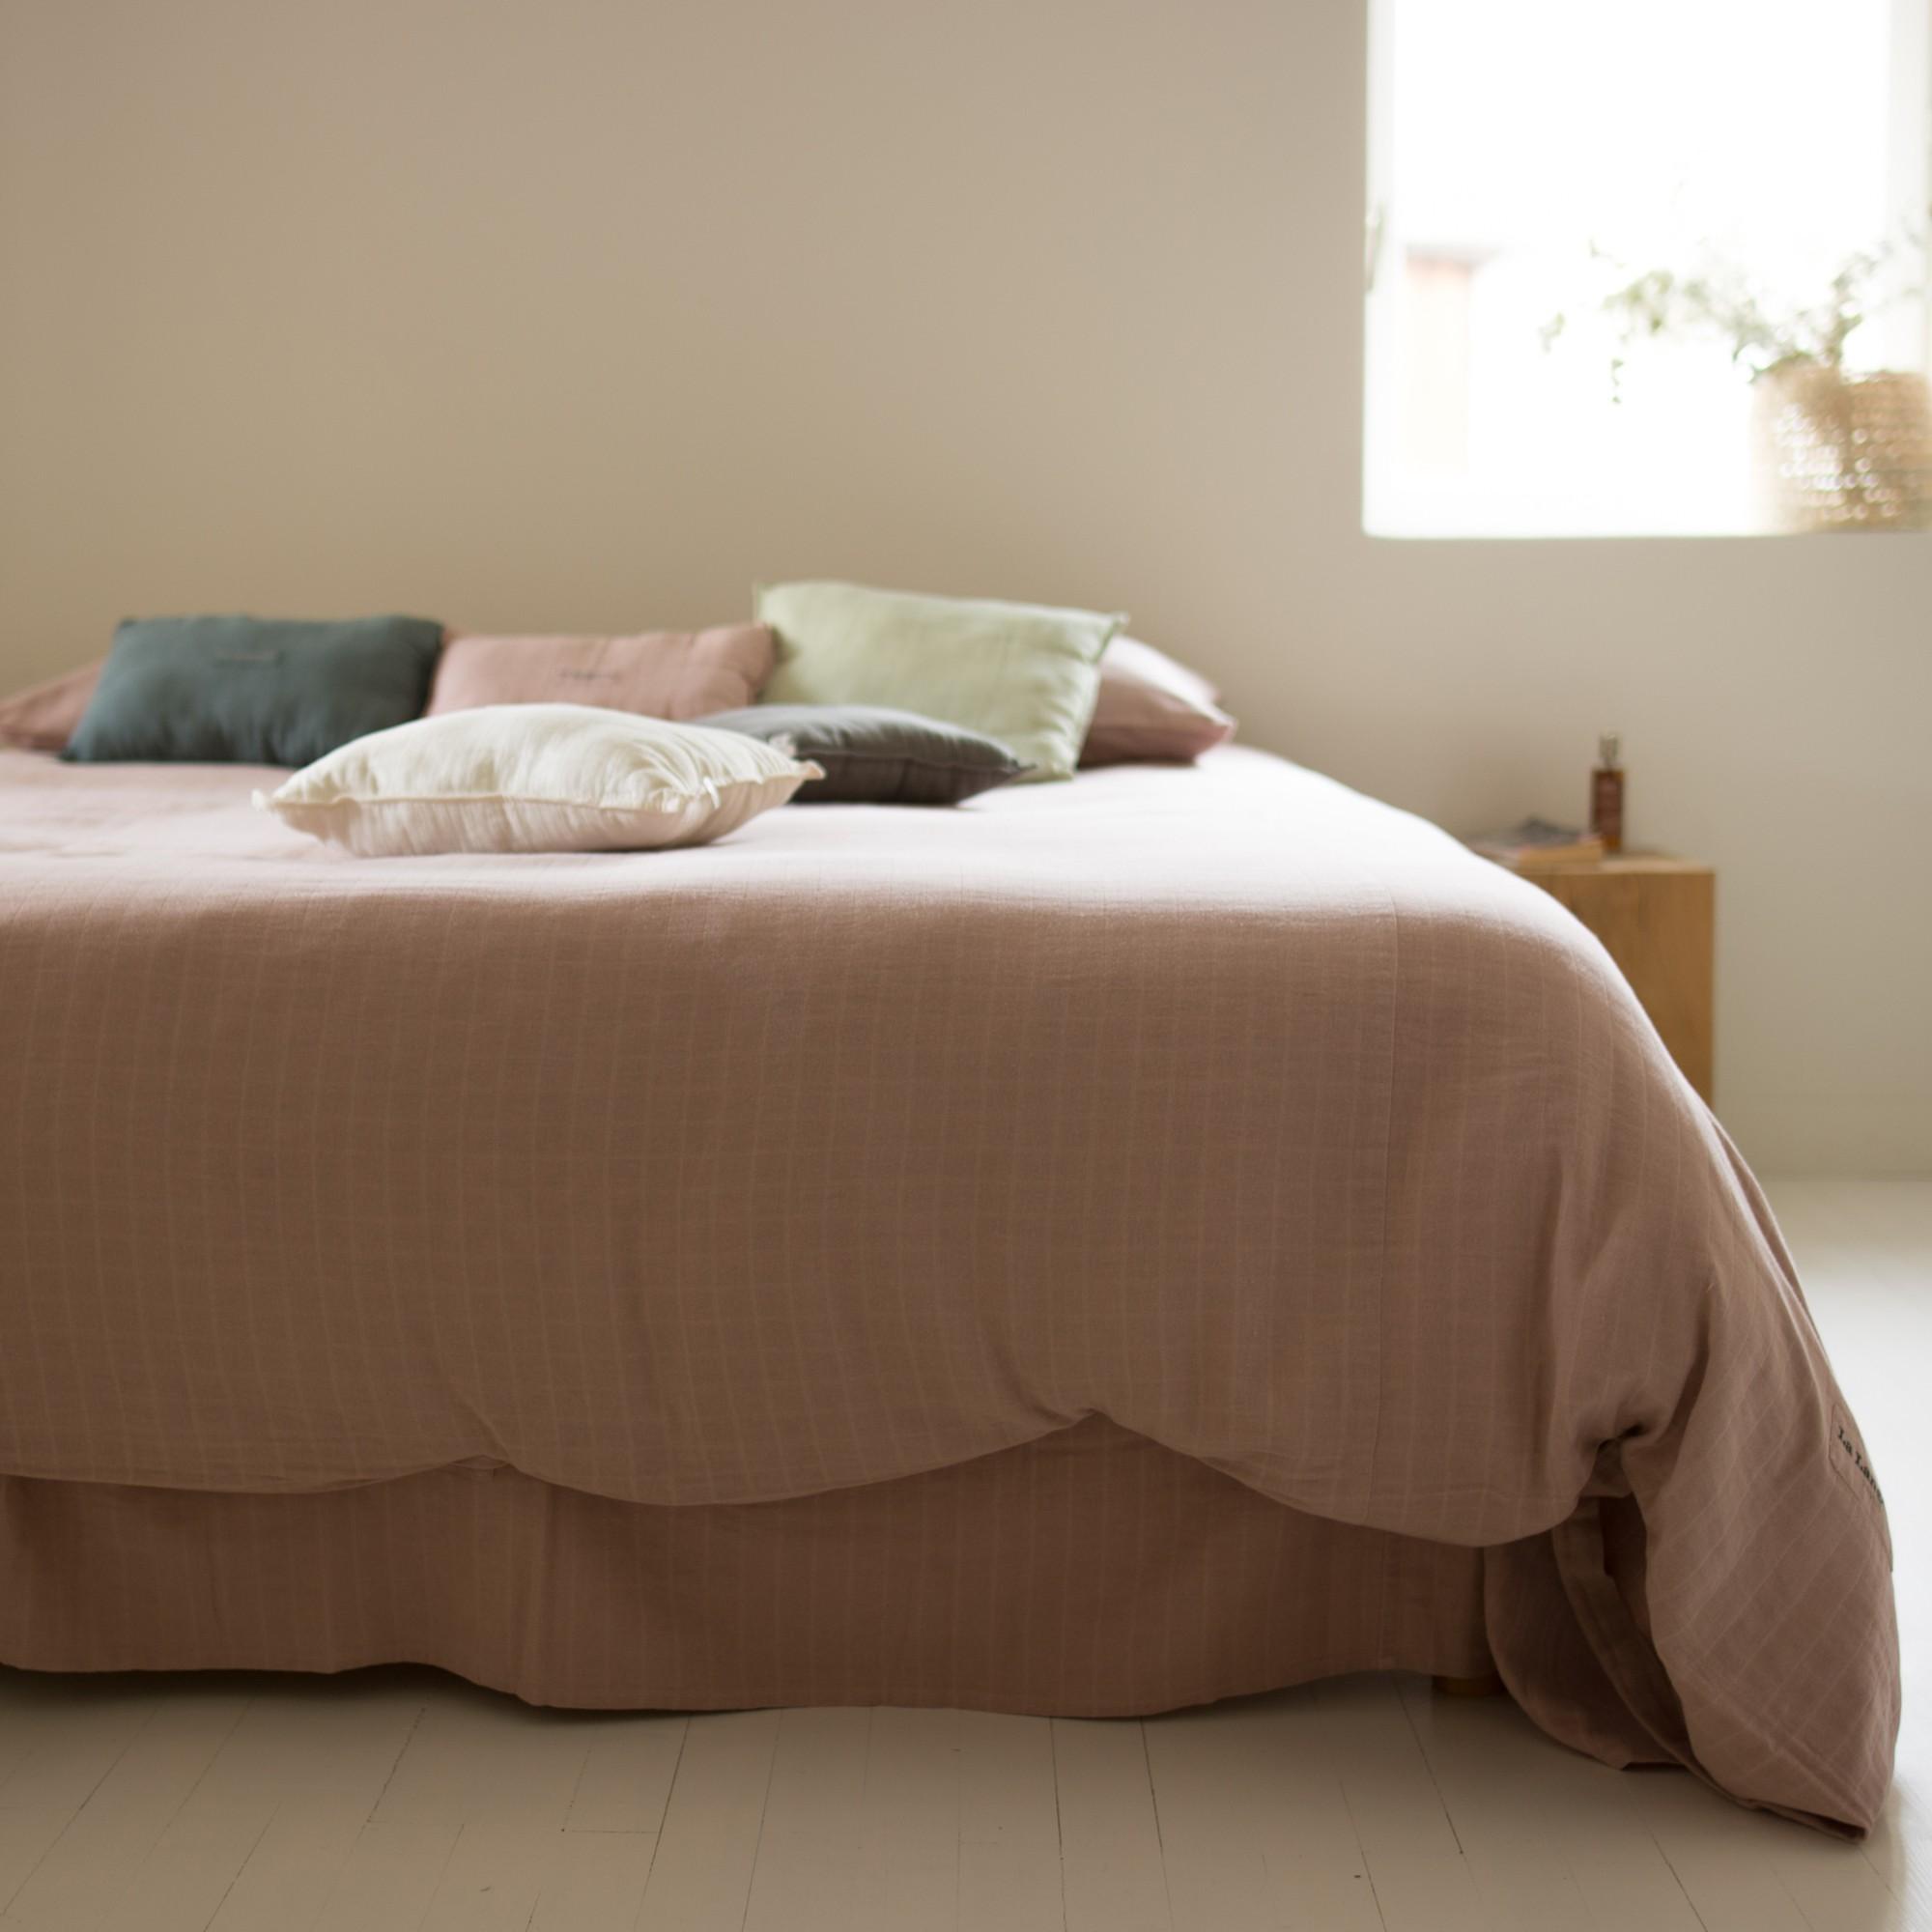 enveloppe de couette anne de solne housse de couette vexin blanc with enveloppe de couette. Black Bedroom Furniture Sets. Home Design Ideas